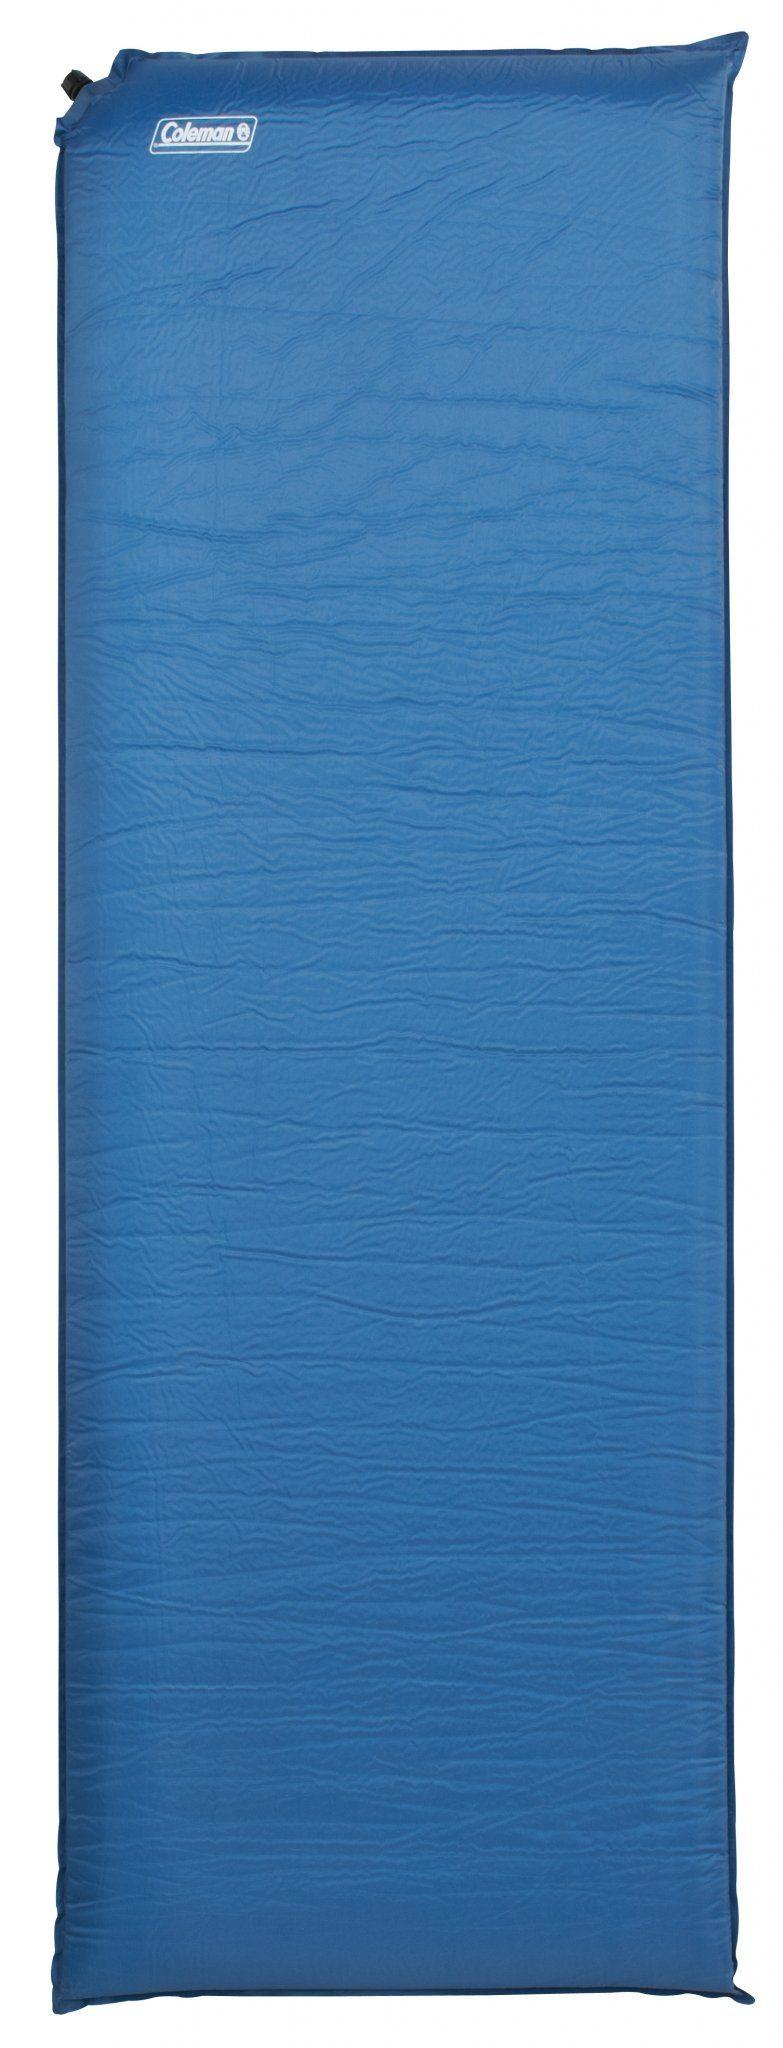 COLEMAN Luftmatratze »Camper Mat 183 x 63 x 5cm«